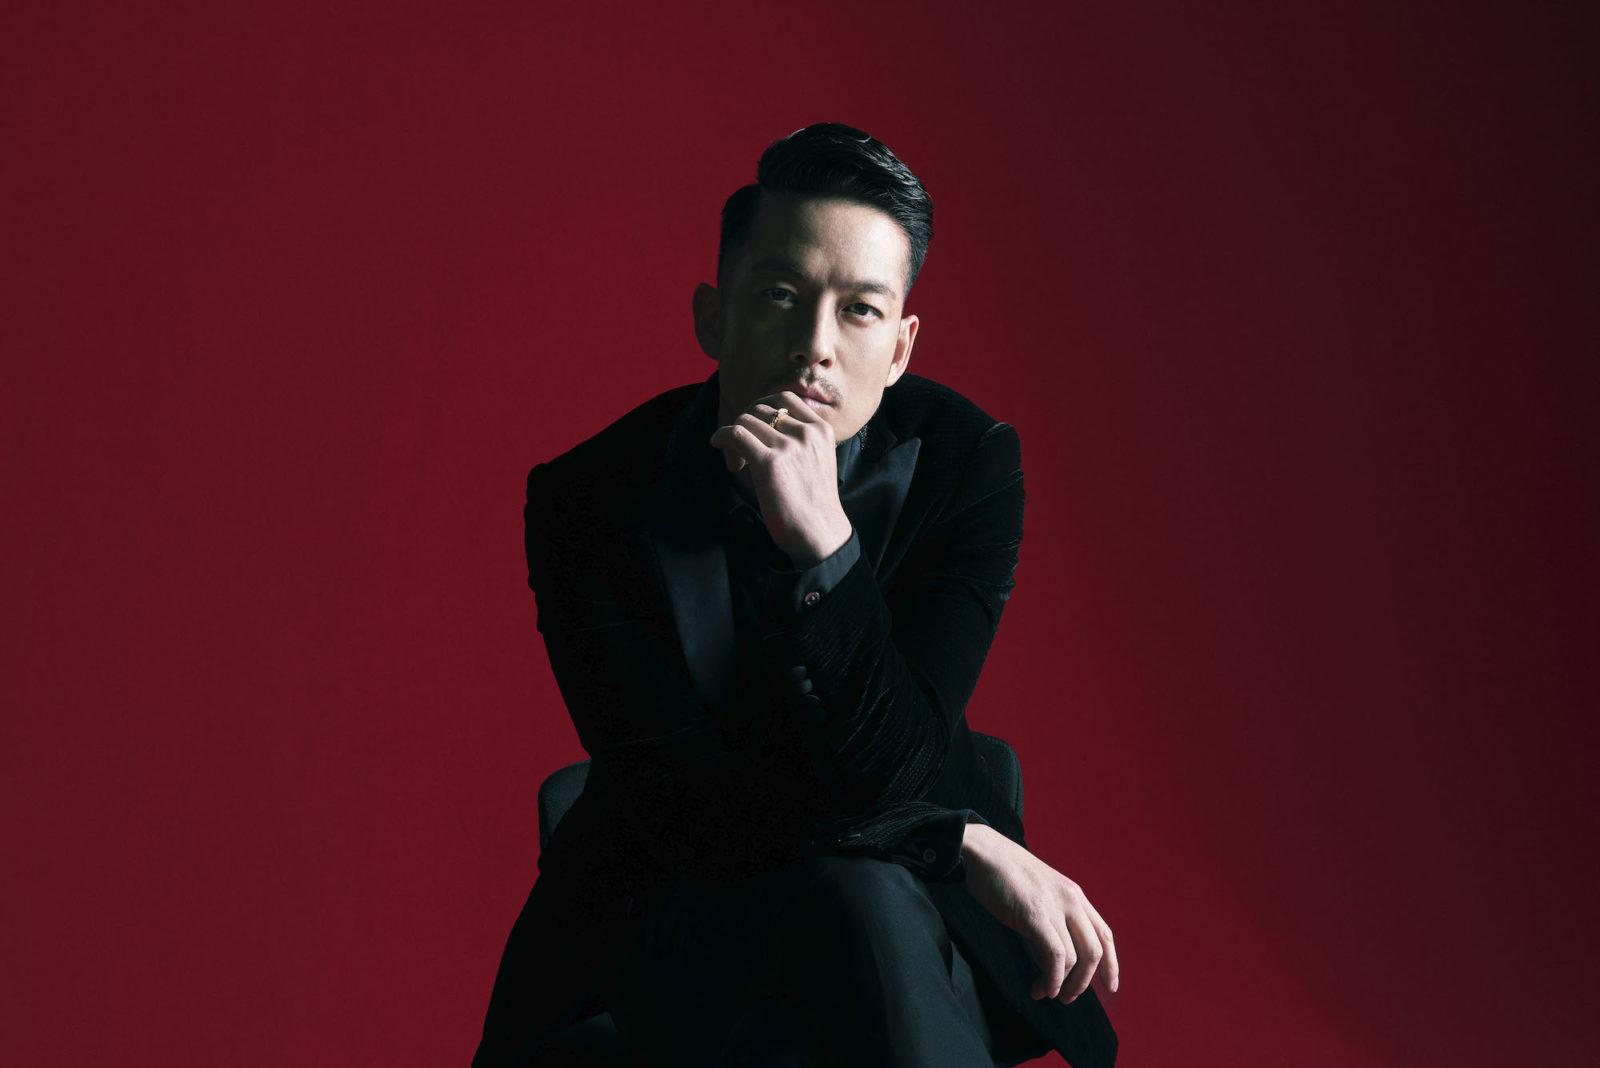 清木場俊介、新曲が遂に明らかに!10月23日発売のニューアルバム『CHANGE』の全曲視聴動画を公開サムネイル画像